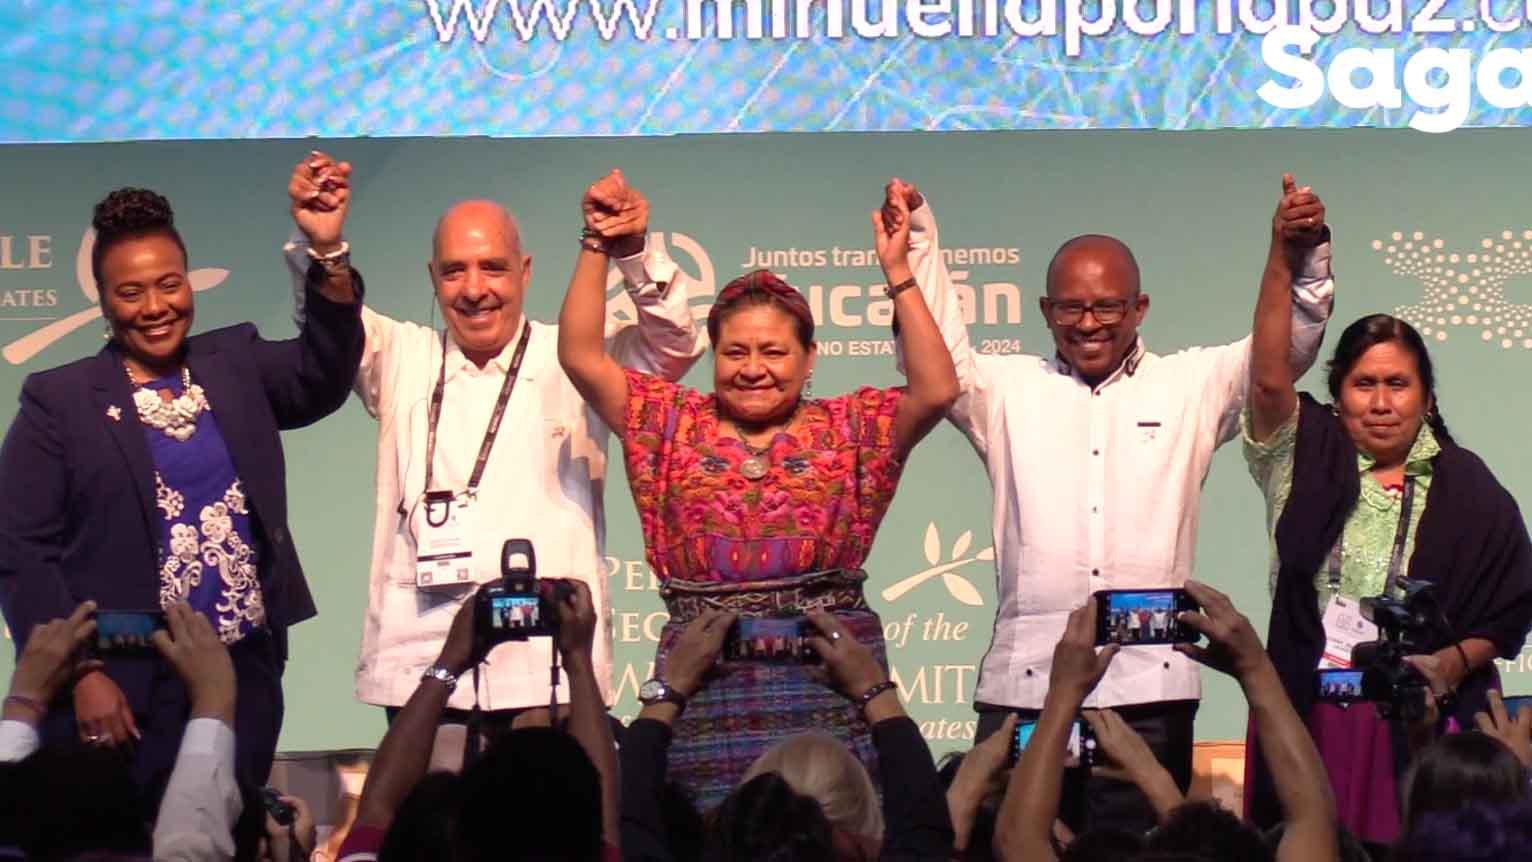 cumbre de los premios de la paz.jpg